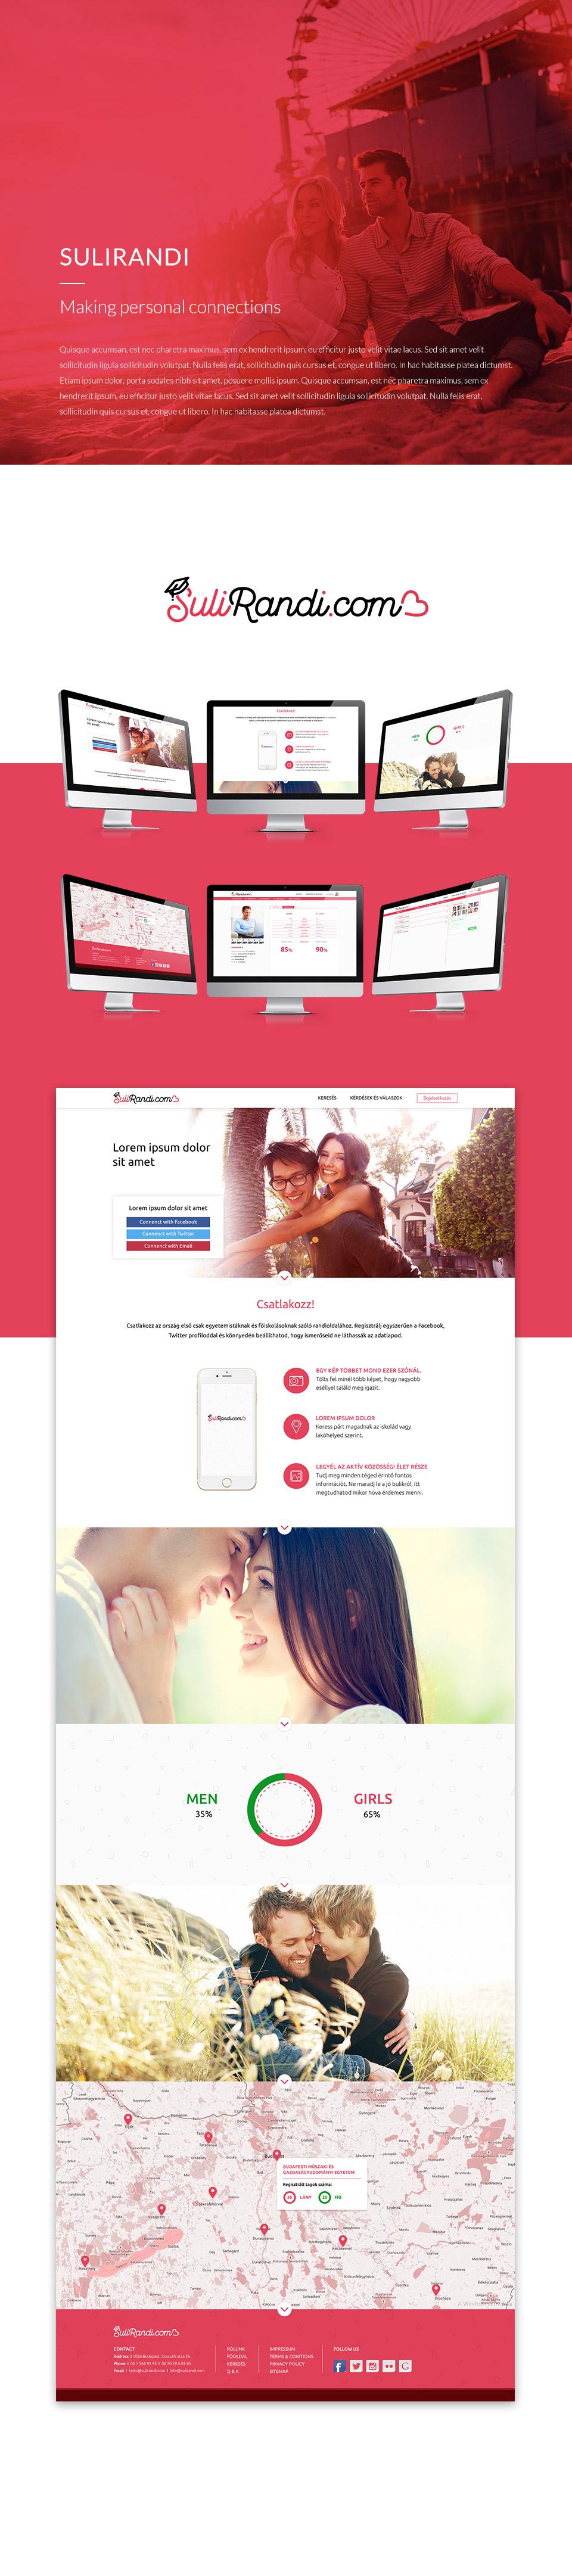 Sulirandi webfejlesztés, webdesign